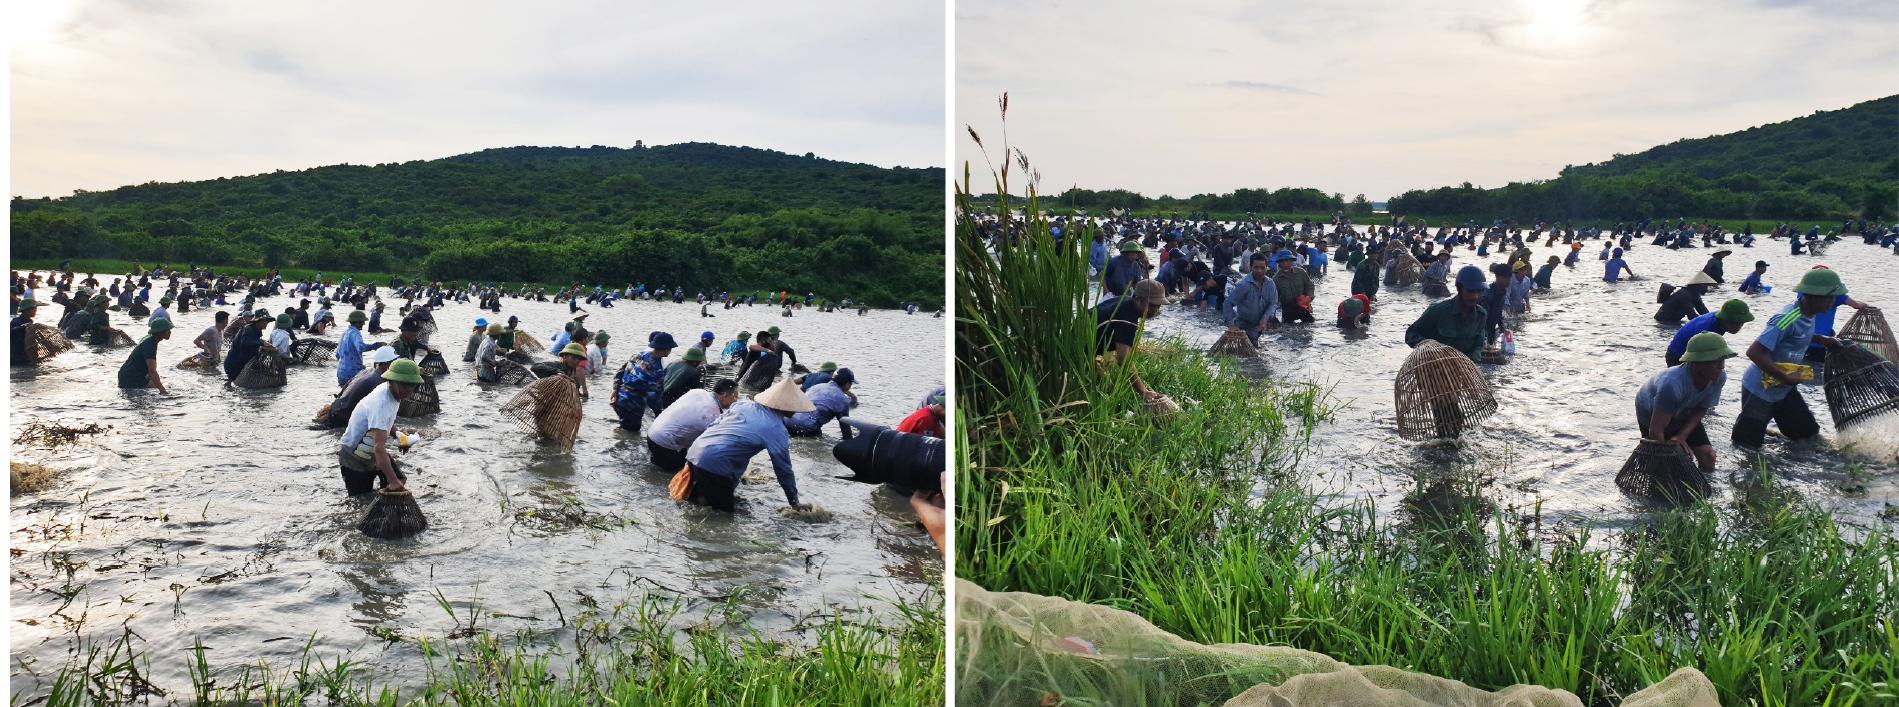 Độc đáo lễ hội đánh cá Đồng Hoa ảnh 12